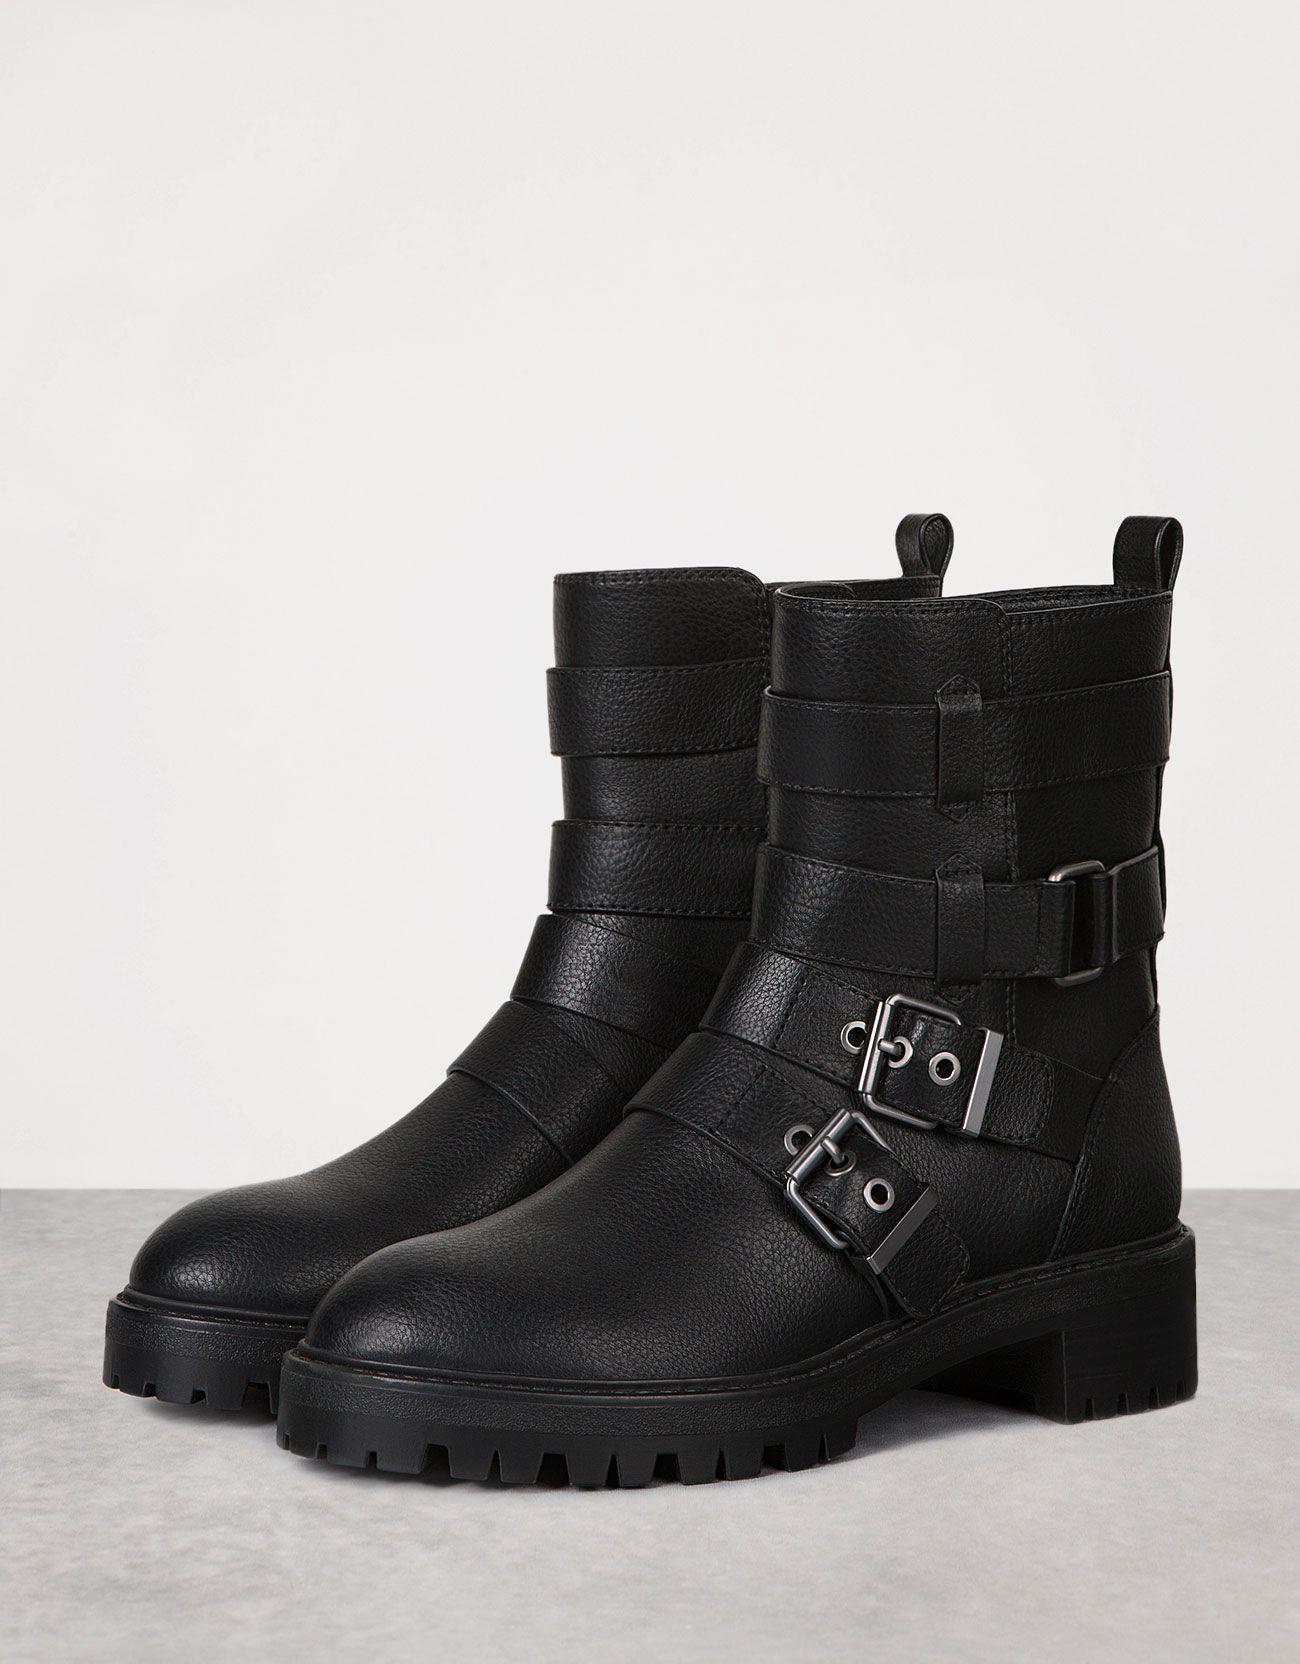 794228624 Chaussure pas cher : notre sélection de chaussures pas chères ...